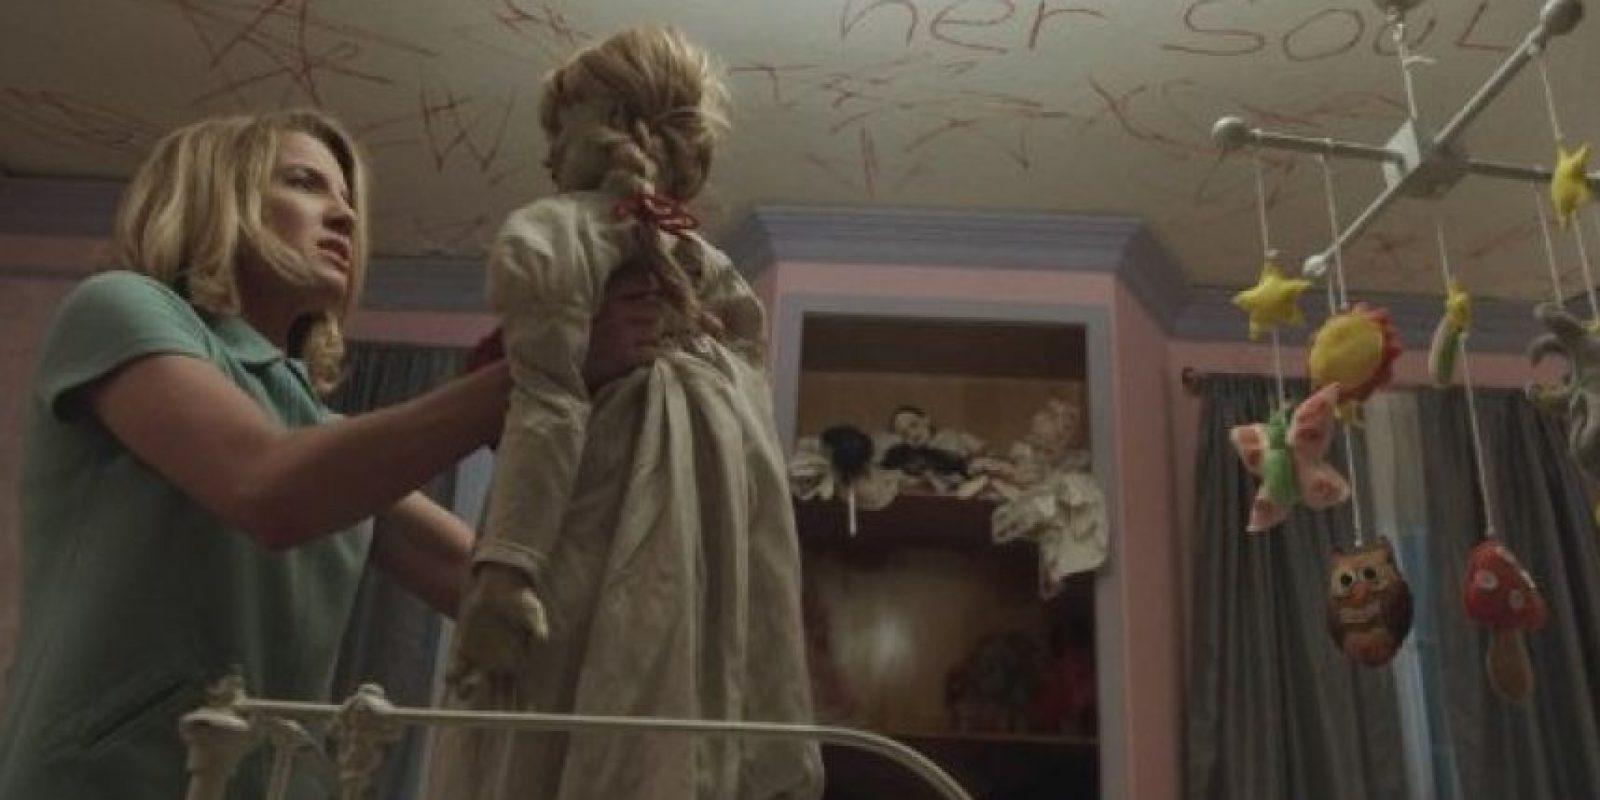 La cinta de terror logró recaudar más de 250 millones de dólares. Foto:Warner Bros.